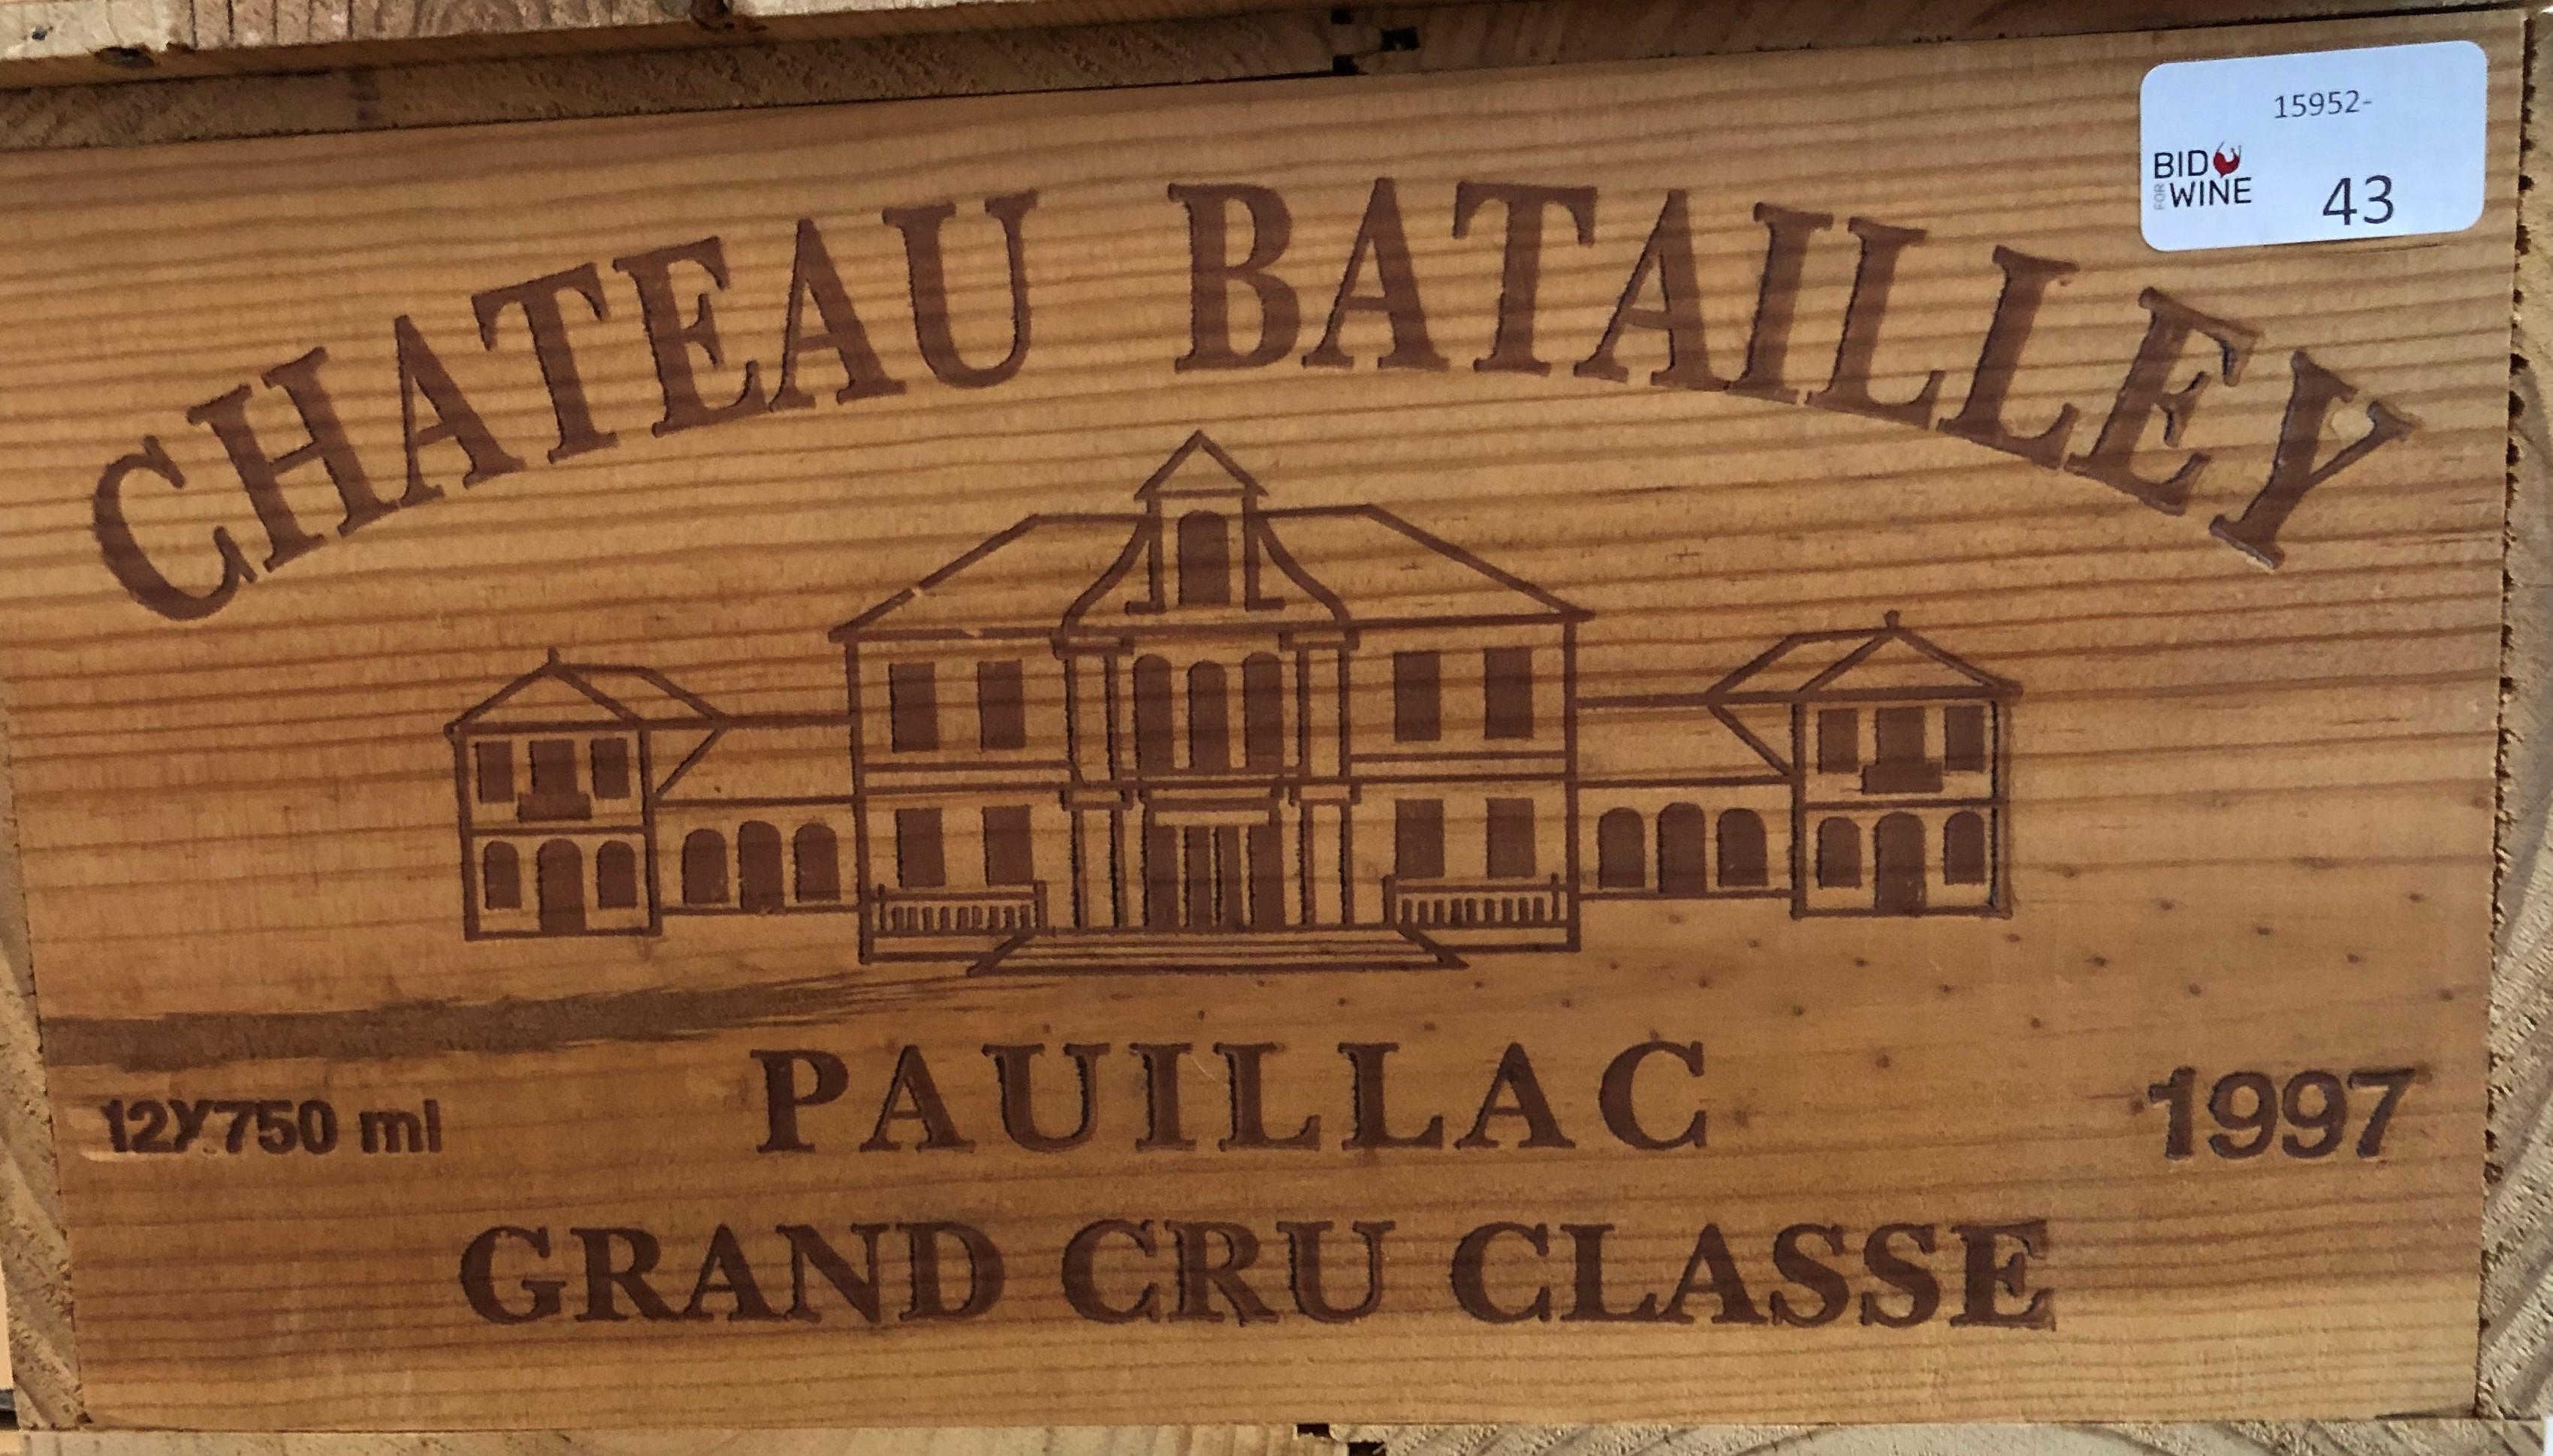 Lot 44 - 1997 Batailley, Pauillac, Bordeaux, France, 12 bottles